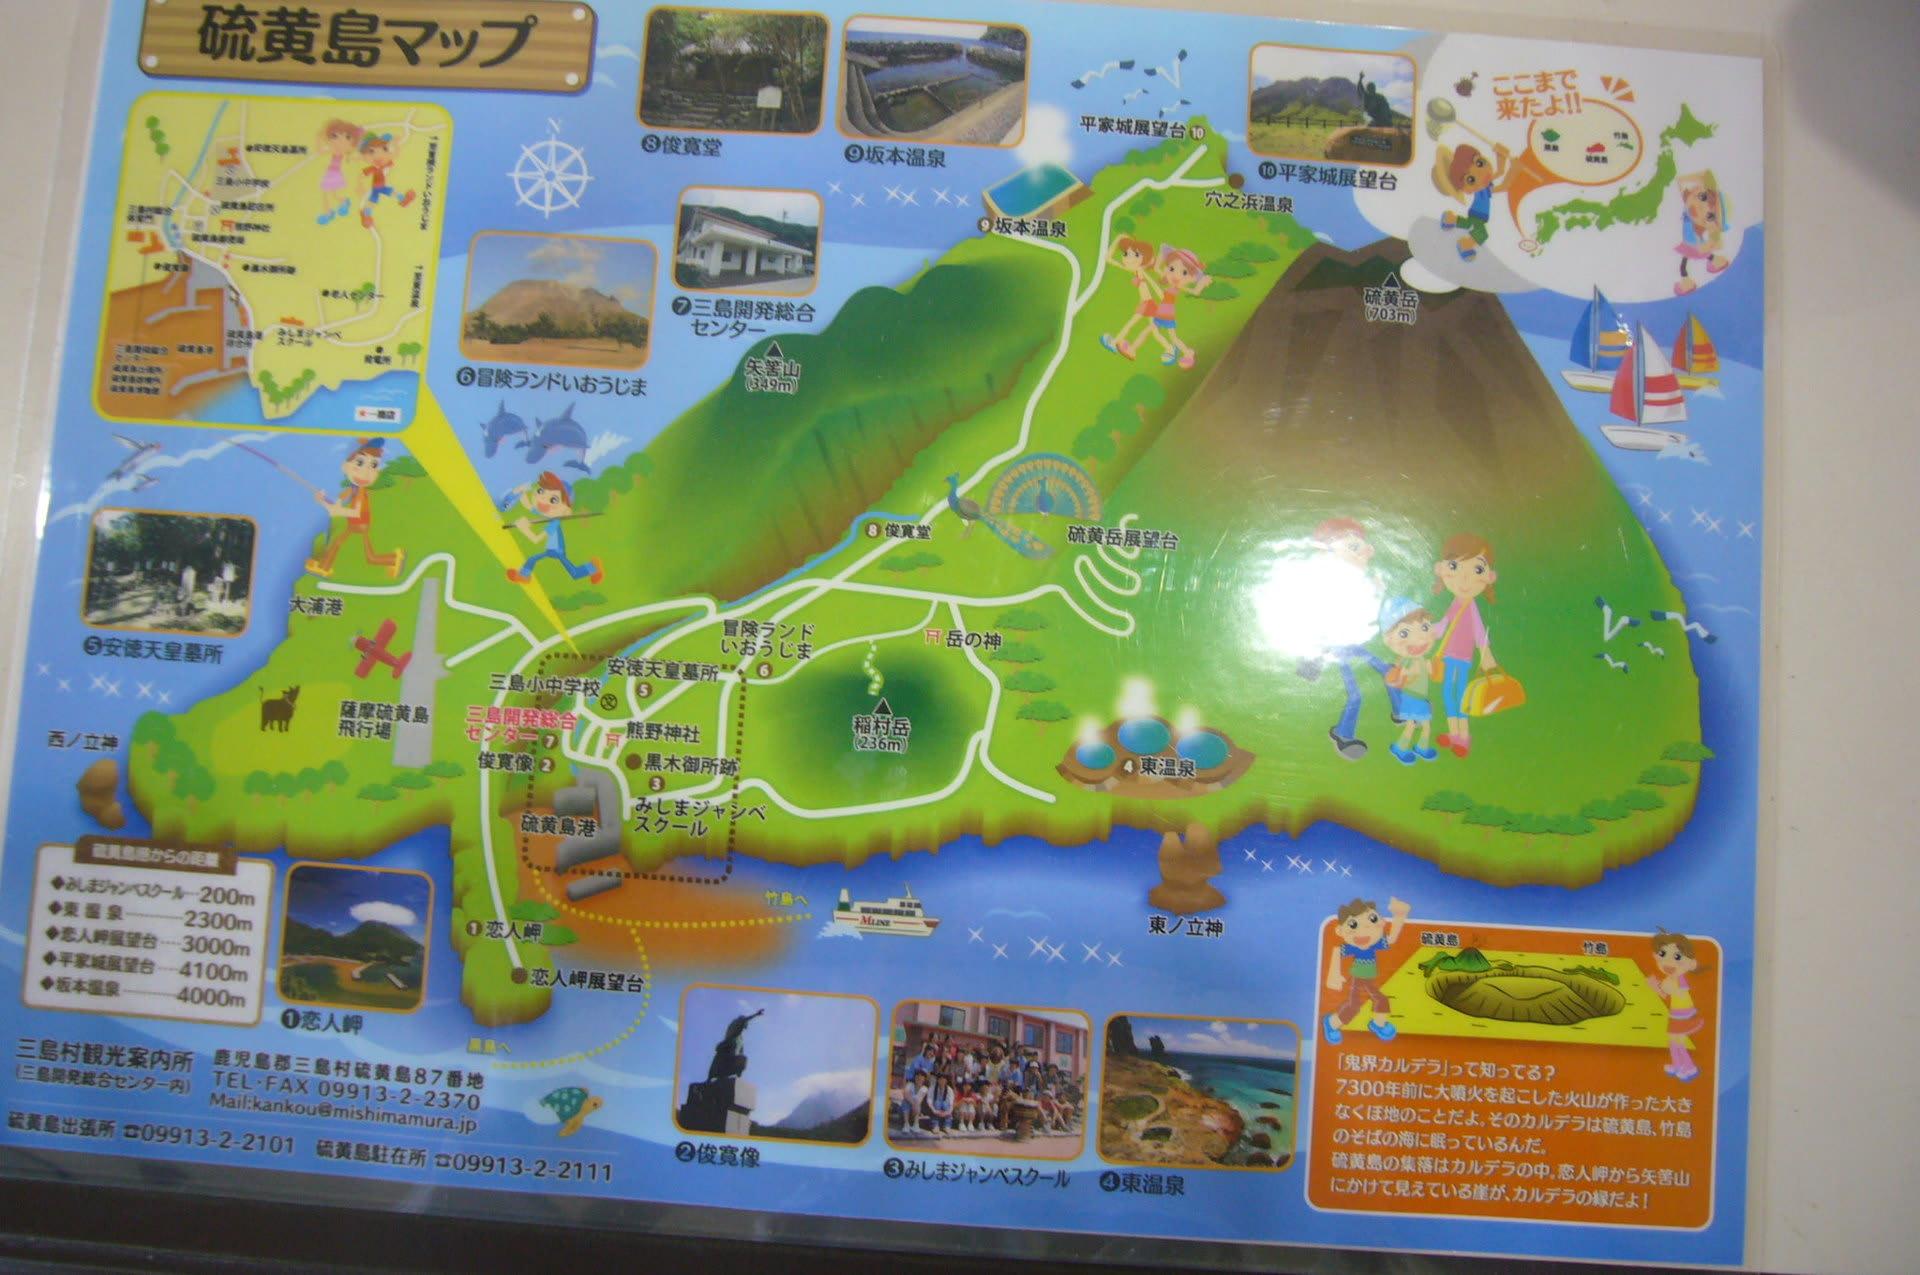 「三島村」編 硫黄島8 地図 - 100倍楽しむ海外旅行 時々国内旅行